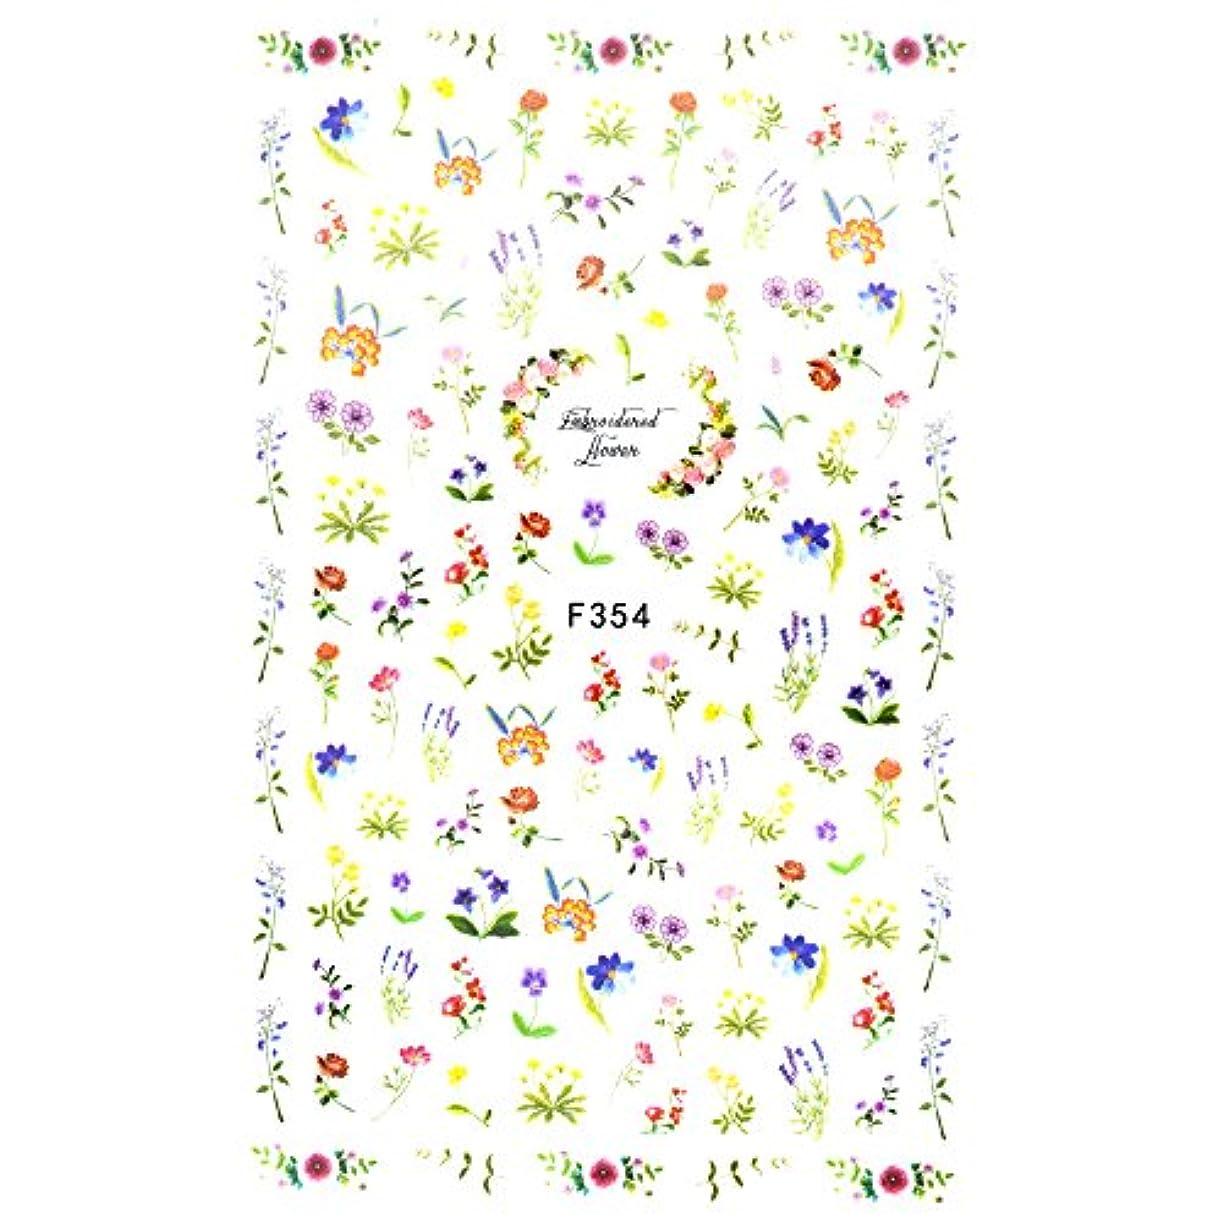 今晩アセンブリ添加【F354】 フラワーベッドシール ネイルシール ジェルネイル ネイル レジン マニキュア セルフネイル 花 フラワー